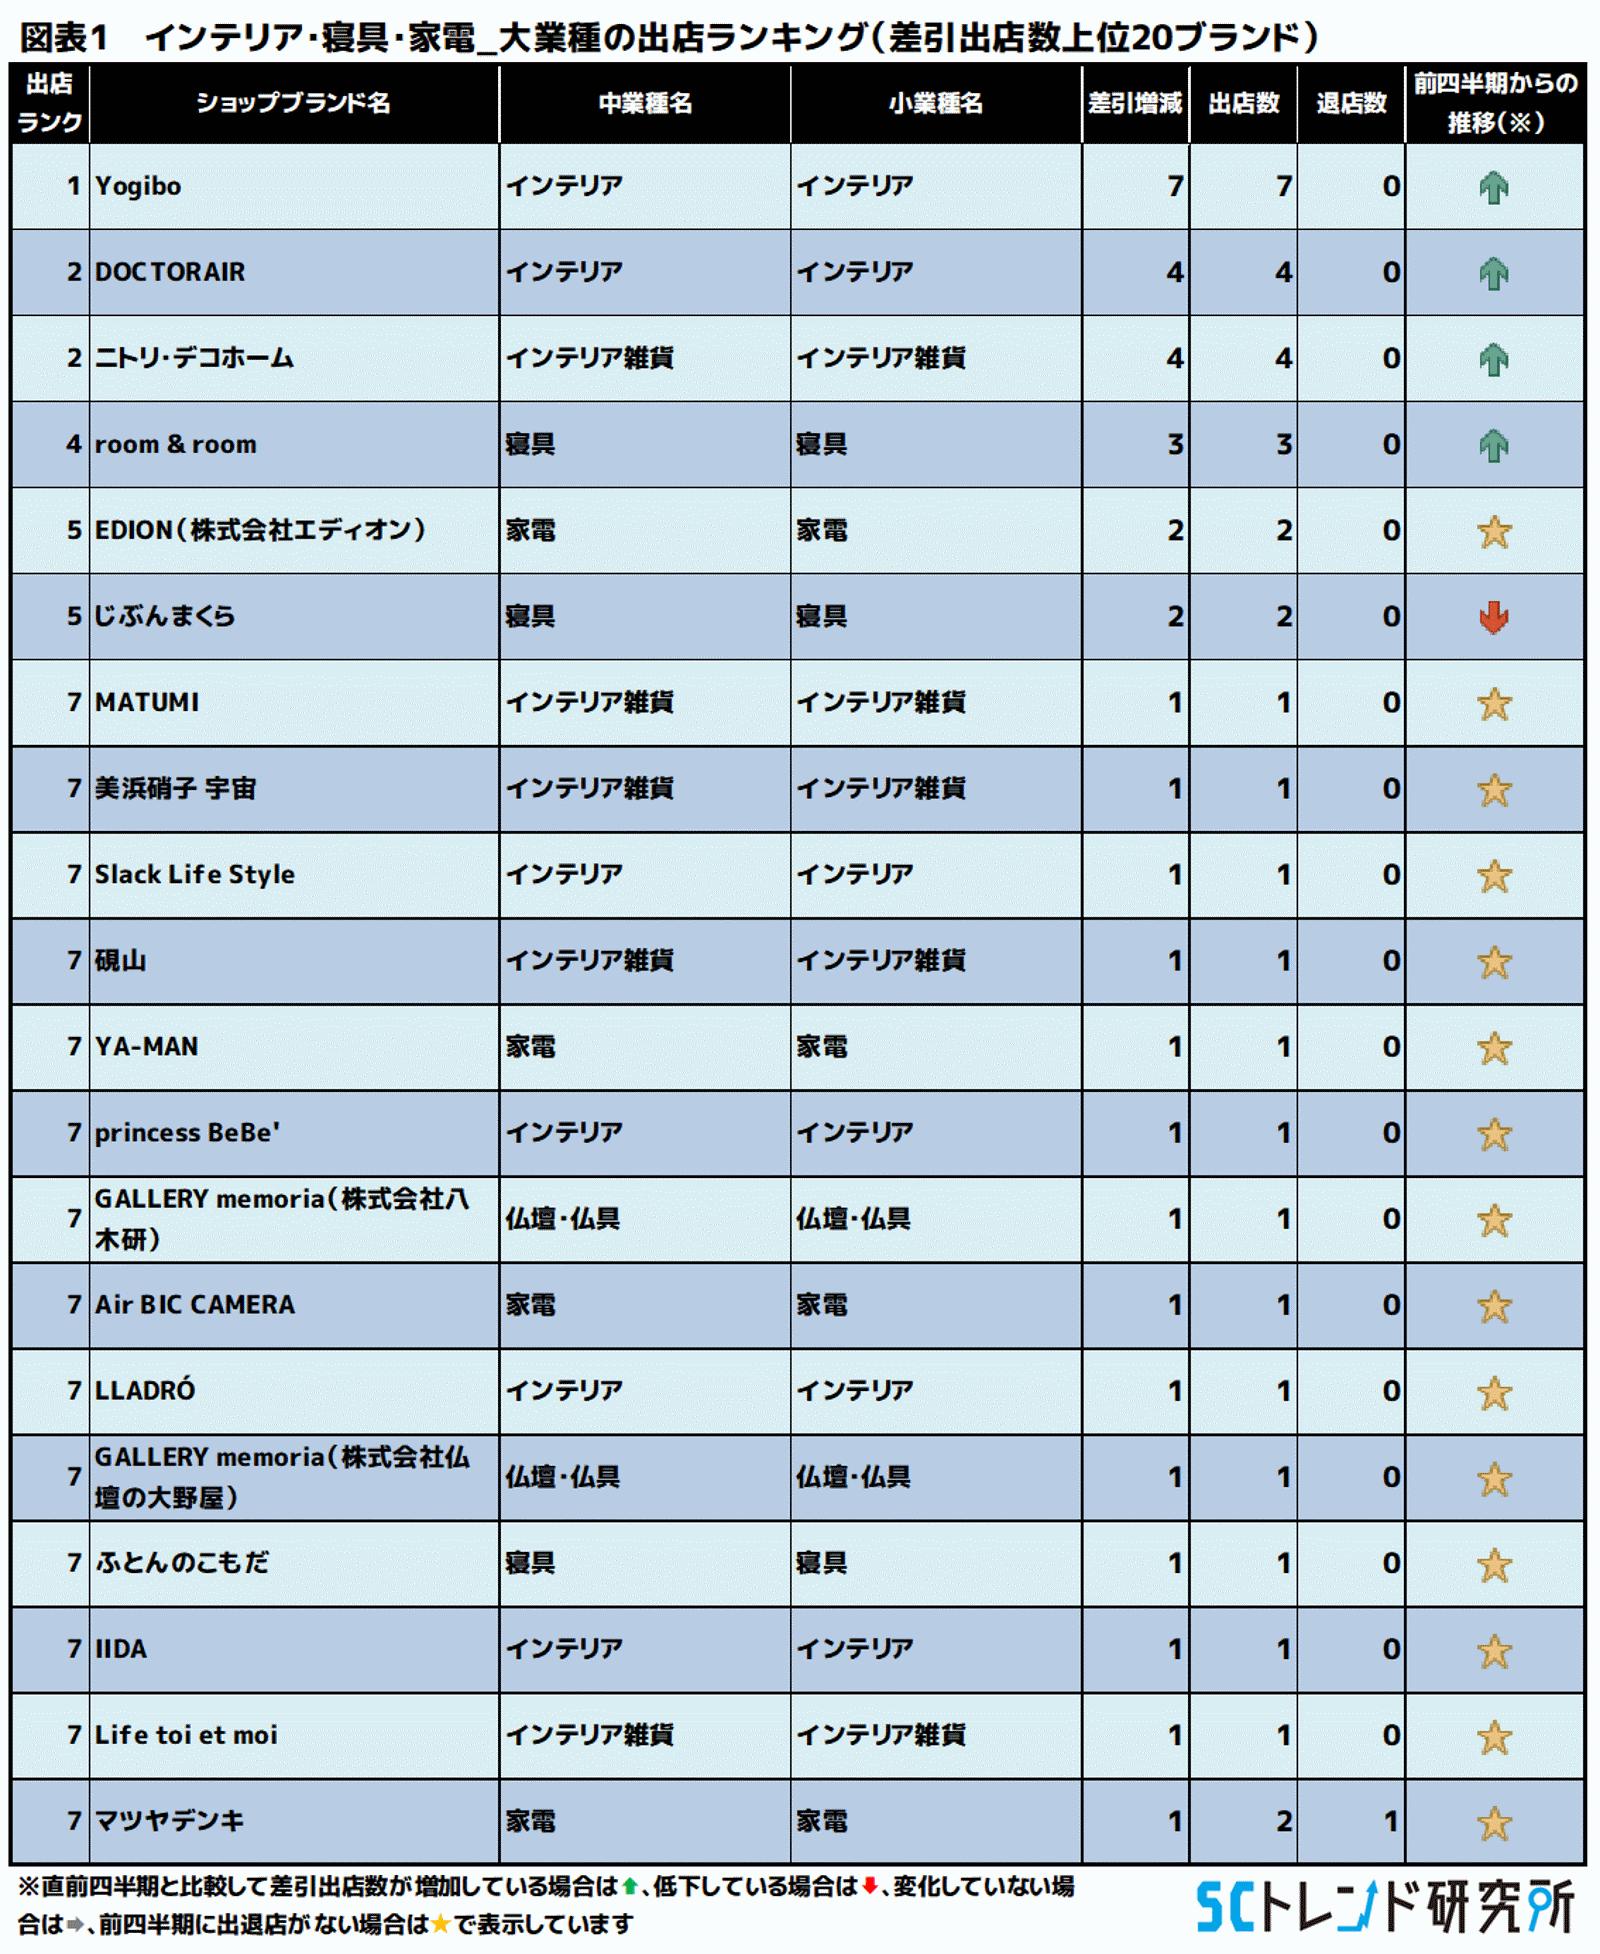 図表1 インテリア・寝具・家電_大業種の出店ランキング(差引出店数上位20ブランド)